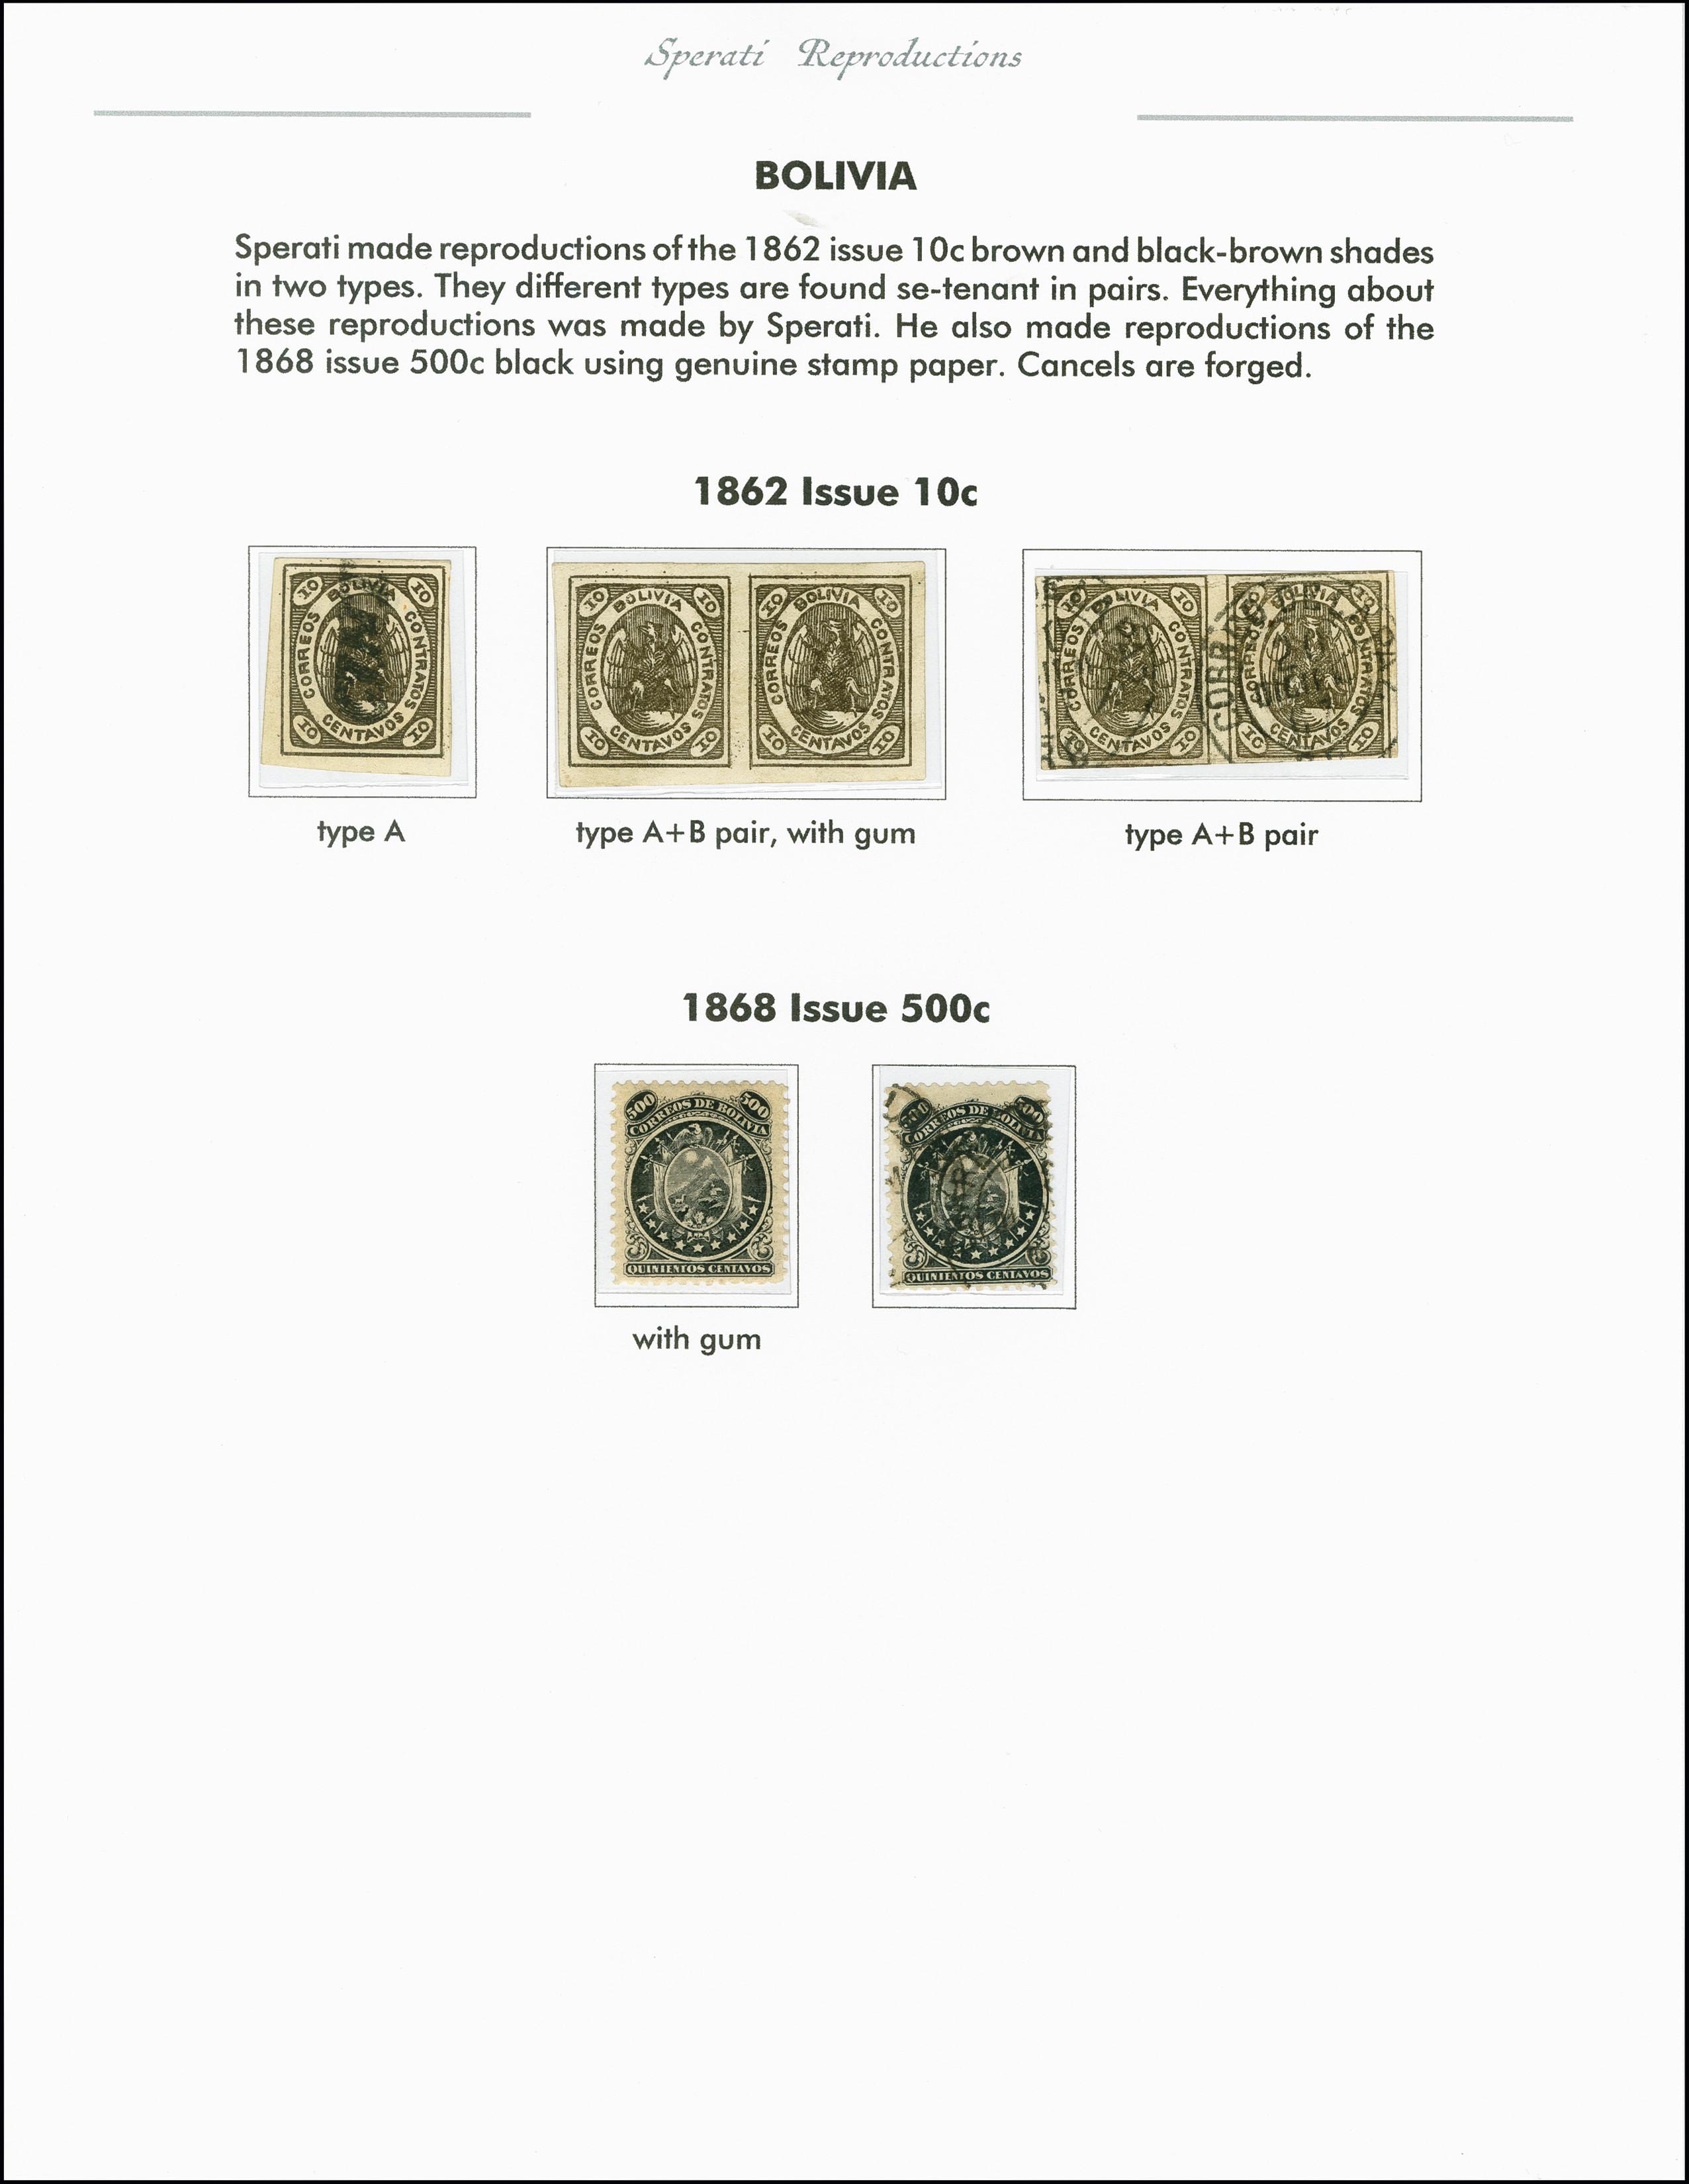 Lot 2223 - übersee bolivia -  Heinrich Koehler Auktionen 375rd Heinrich Köhler auction - Day 1